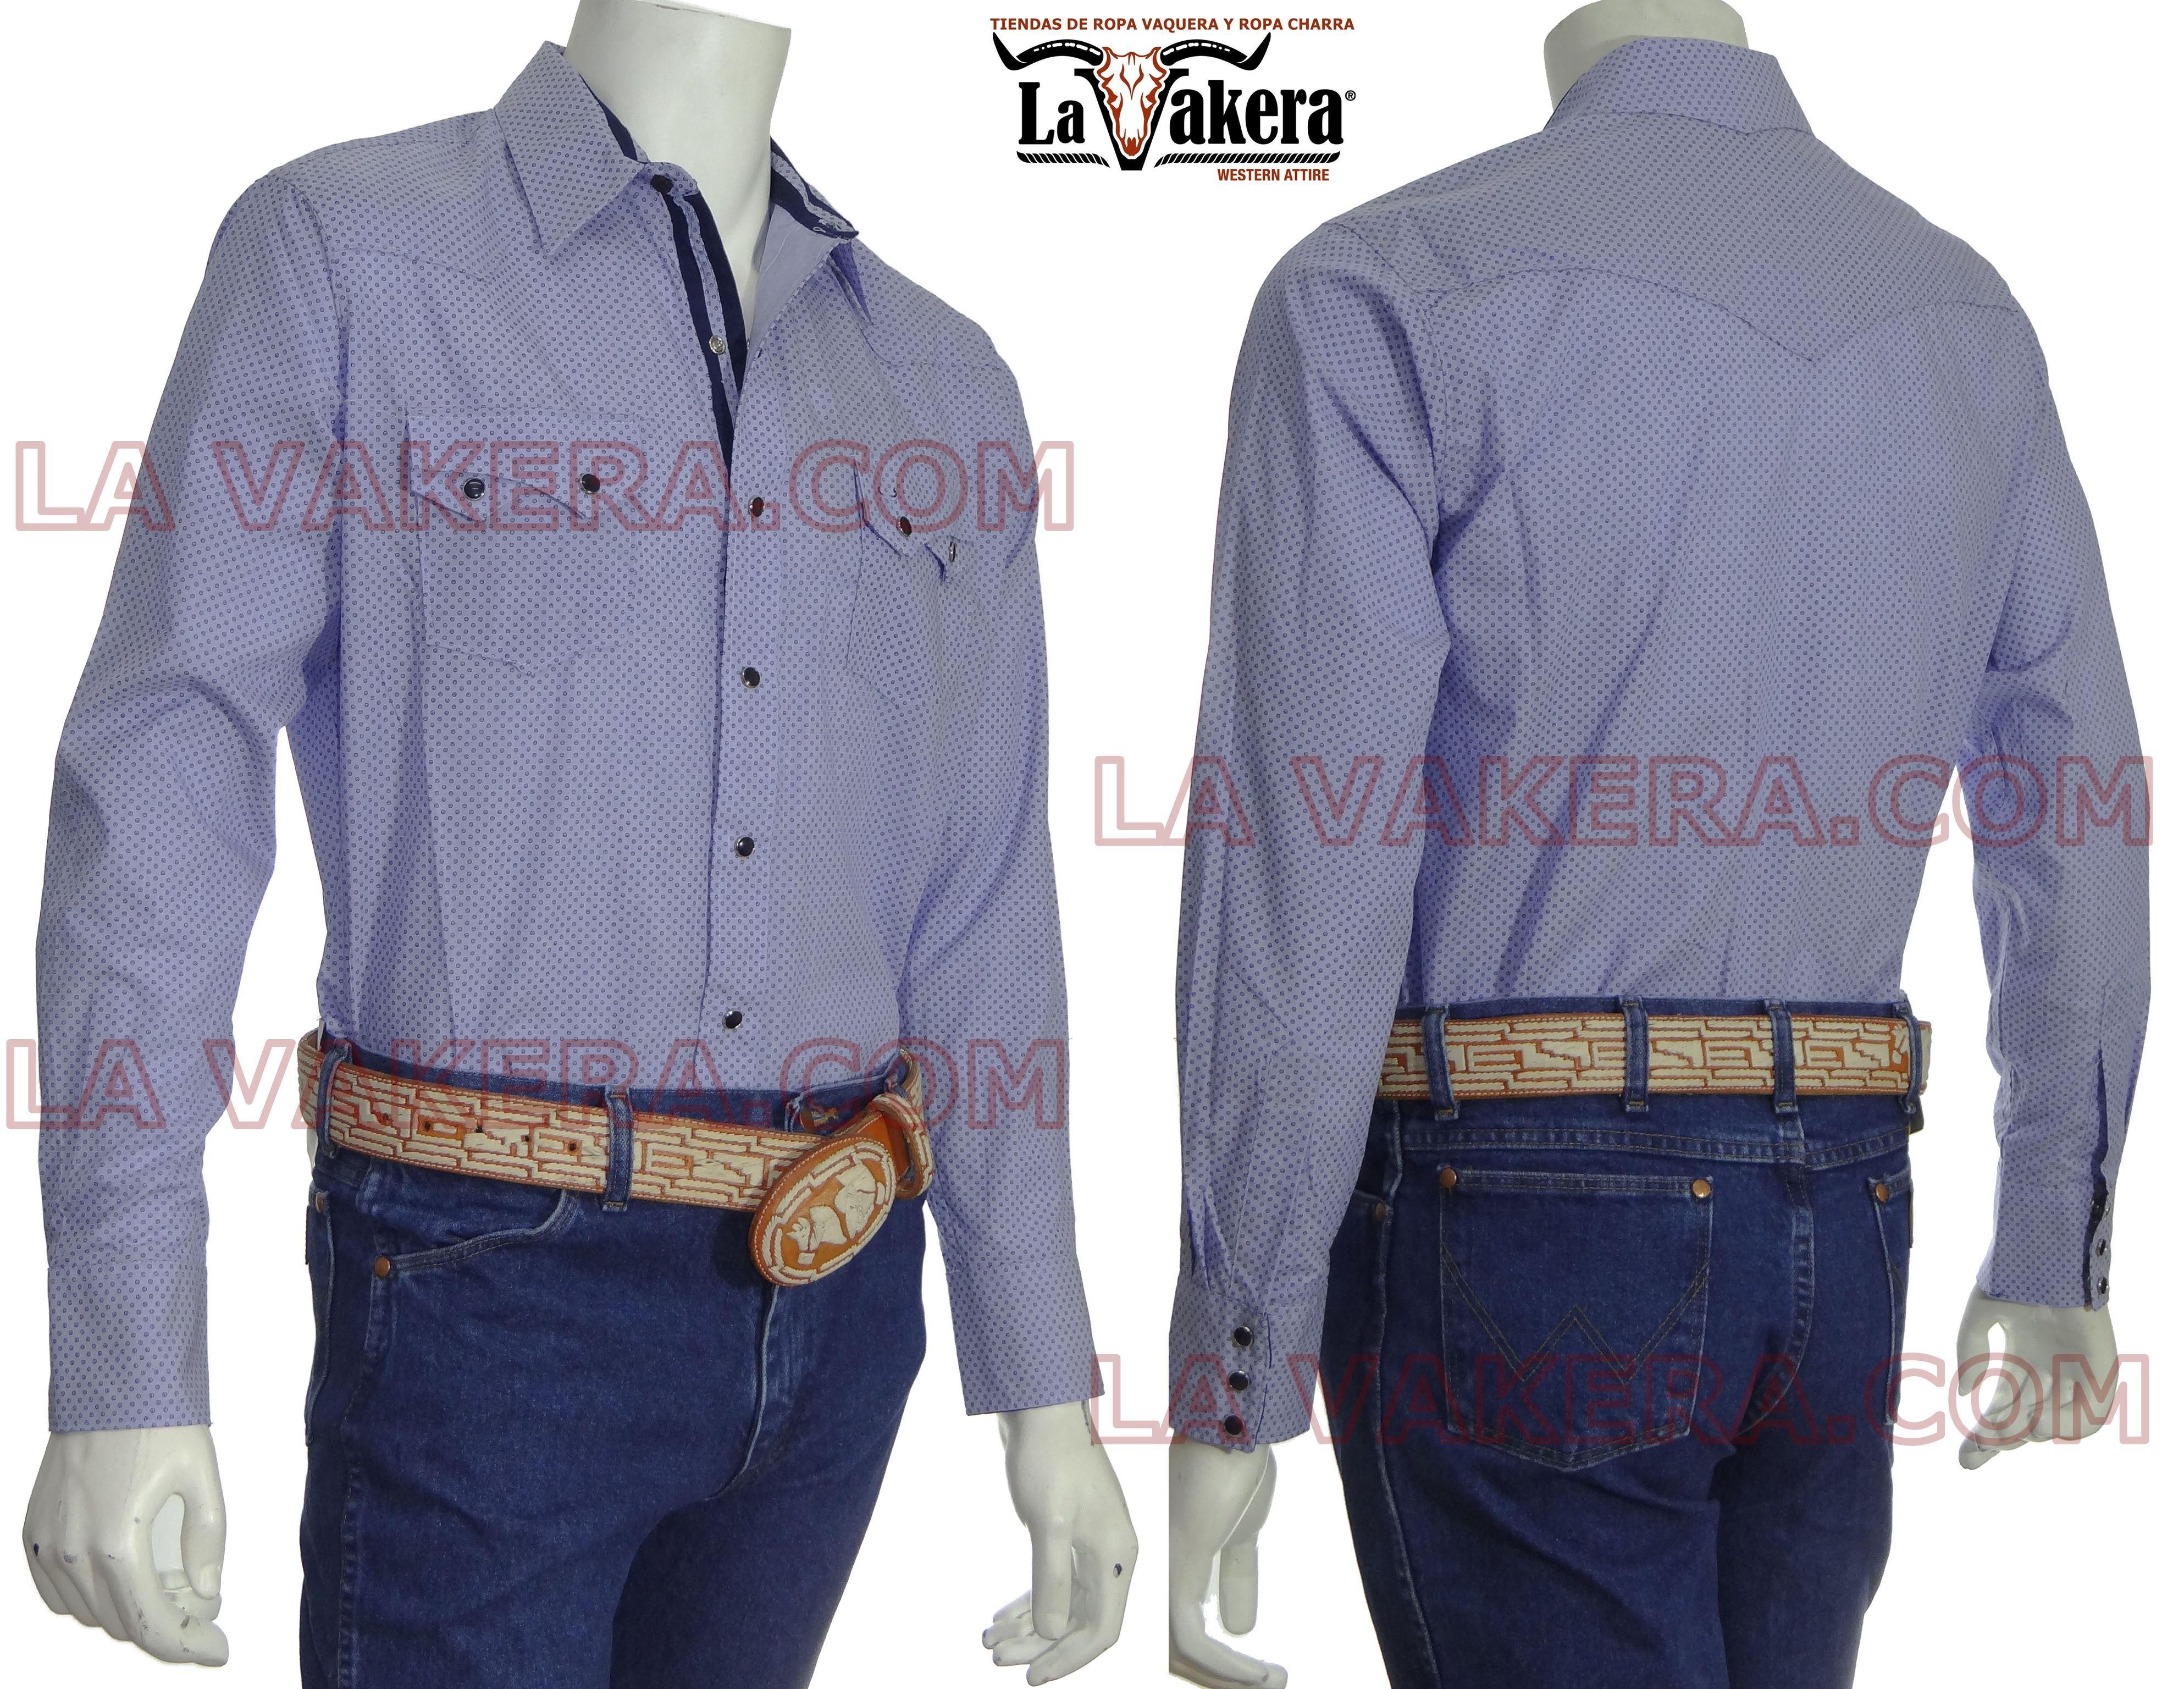 1d8235f645 Camisa Vaquera - Rodeo Carte - La Vakera - Ropa Vaquera - Azul ...